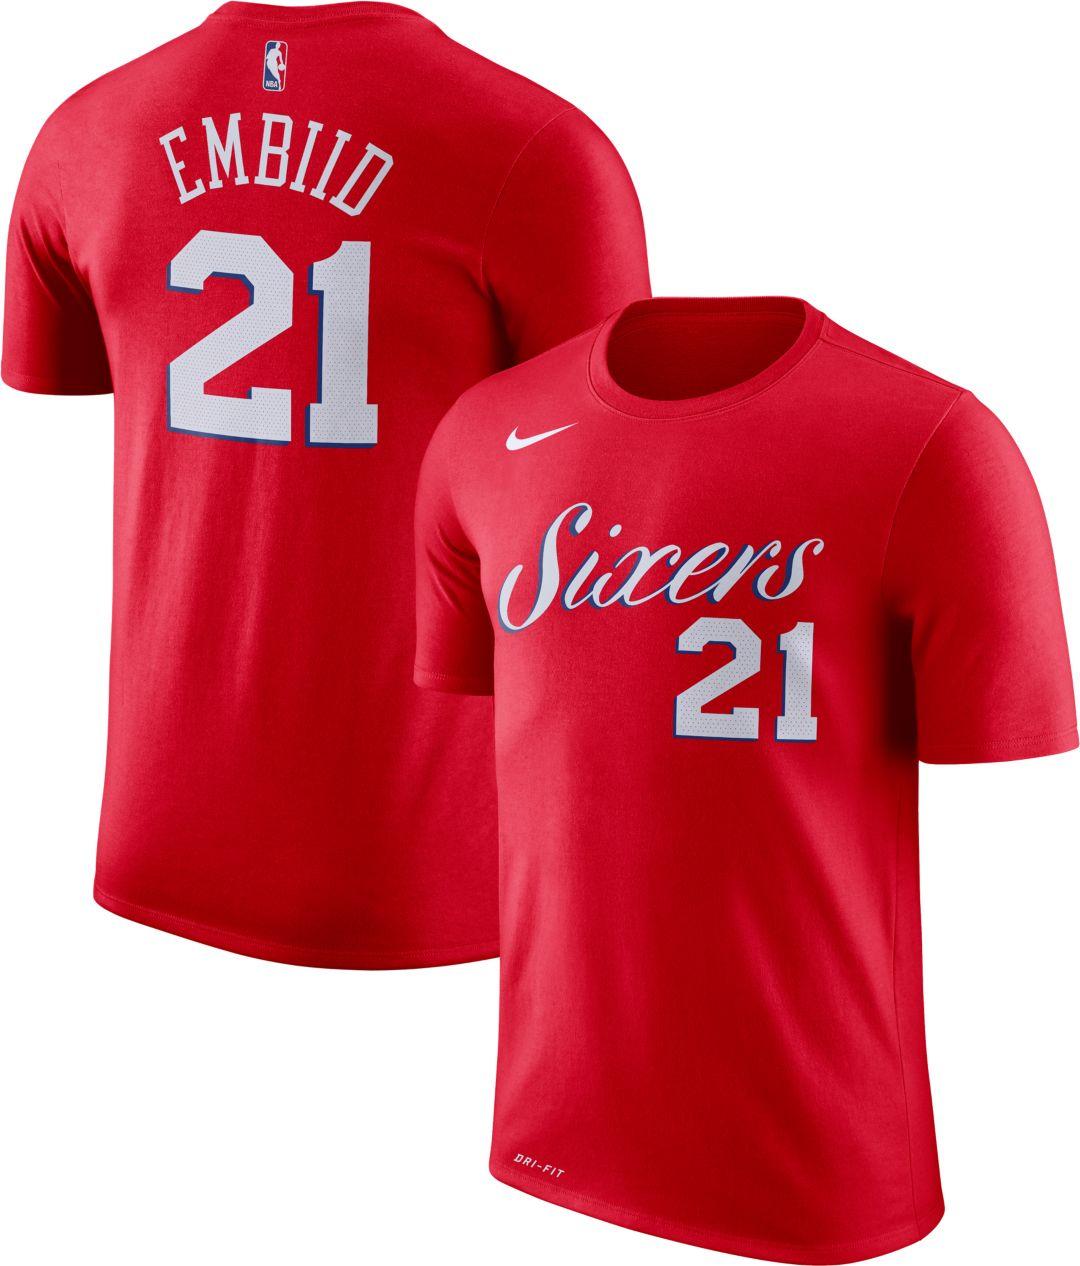 hot sale online b3218 6b9db Nike Men's Philadelphia 76ers Joel Embiid #21 Dri-FIT Red T-Shirt